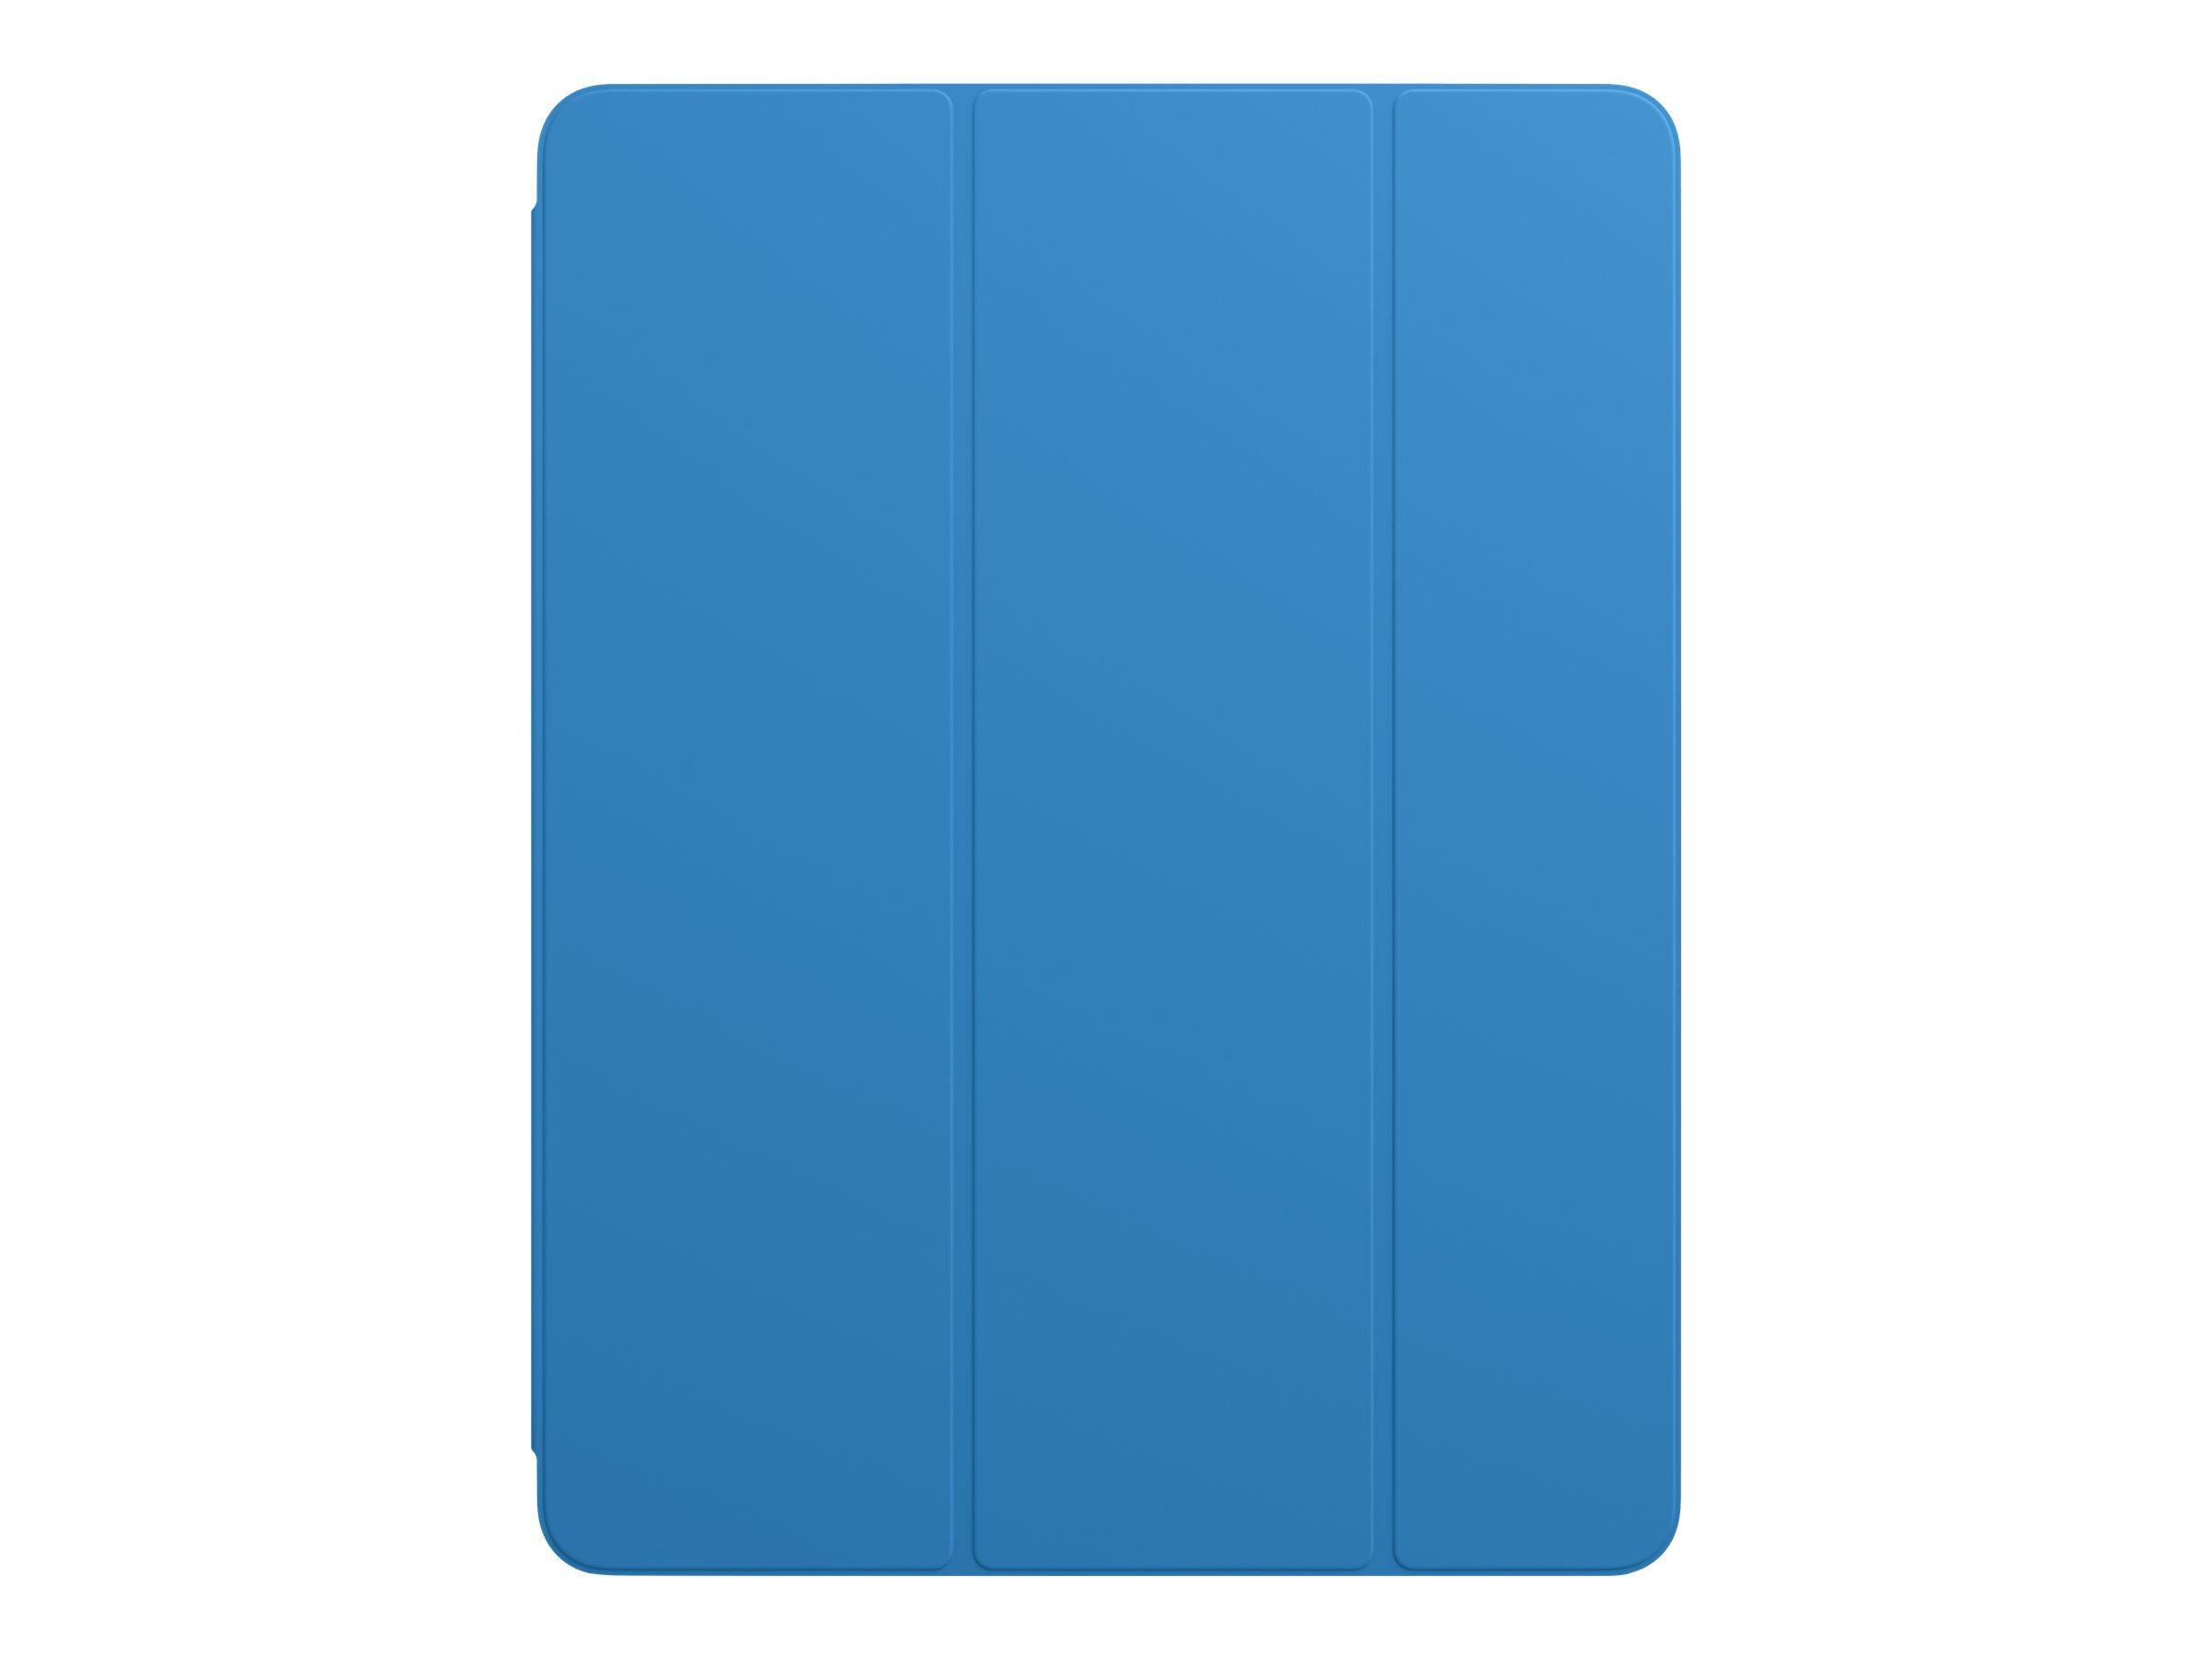 """Vorschau: Apple Smart Folio - Flip-Hülle für Tablet - Polyurethan - Surf Blue - 12.9"""" - für 12.9-inch iPad Pro (3. Generation, 4. Generation)"""